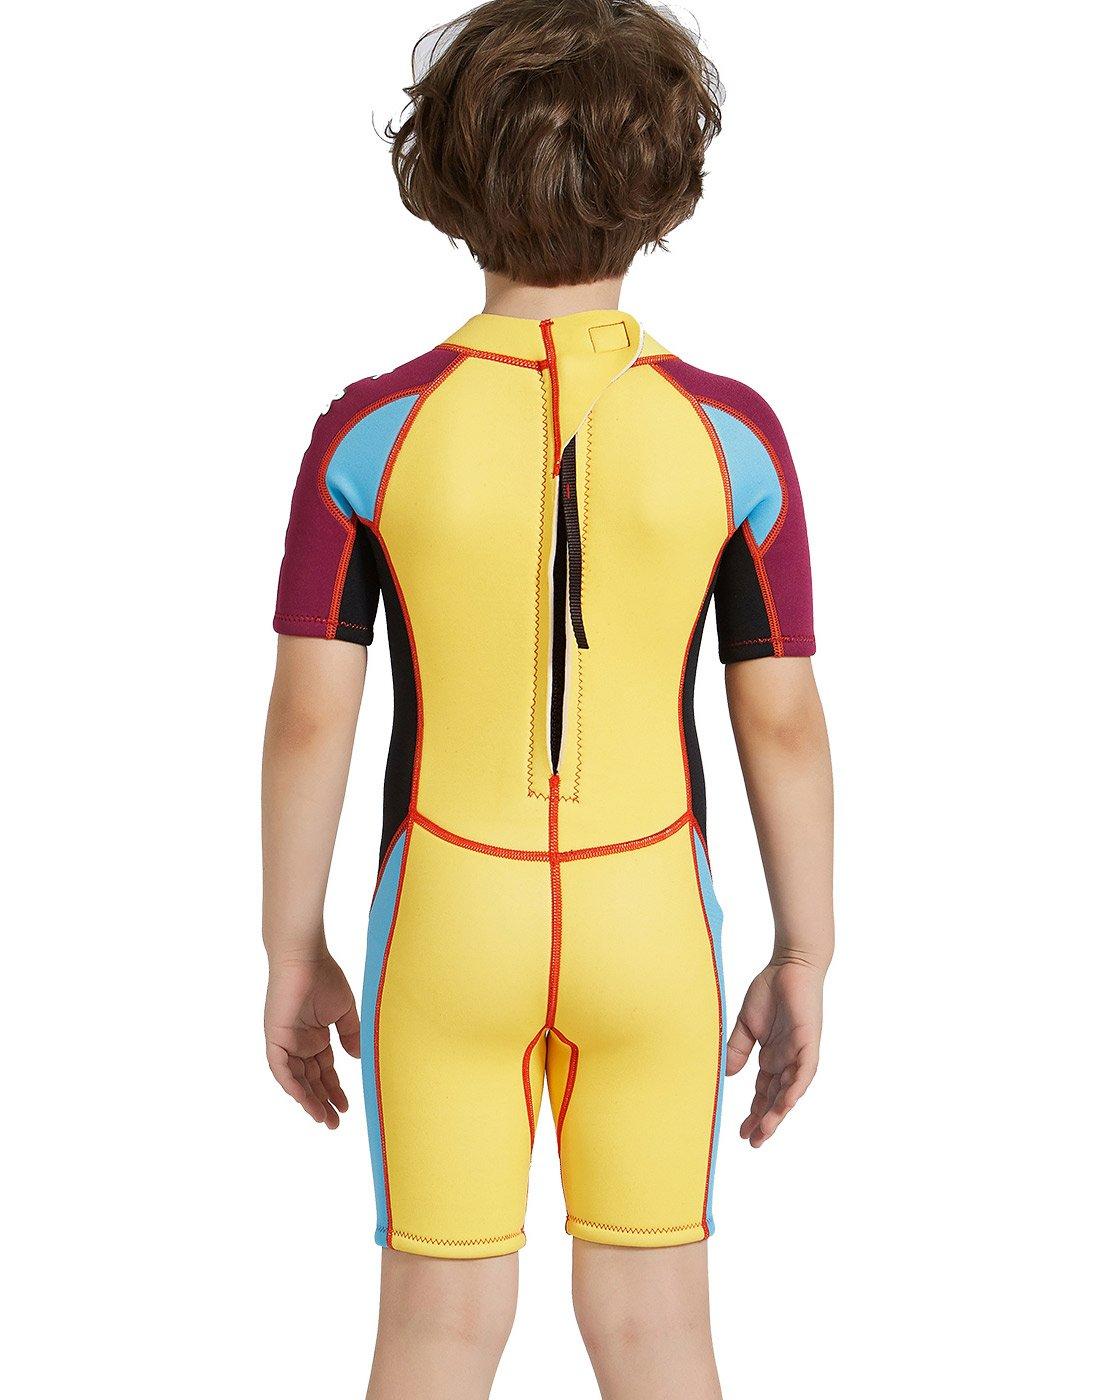 DIVE /& SAIL Kids 2.5mm Warm Wetsuit One Piece UV Protection Shorty Suit DIVE/&SAIL